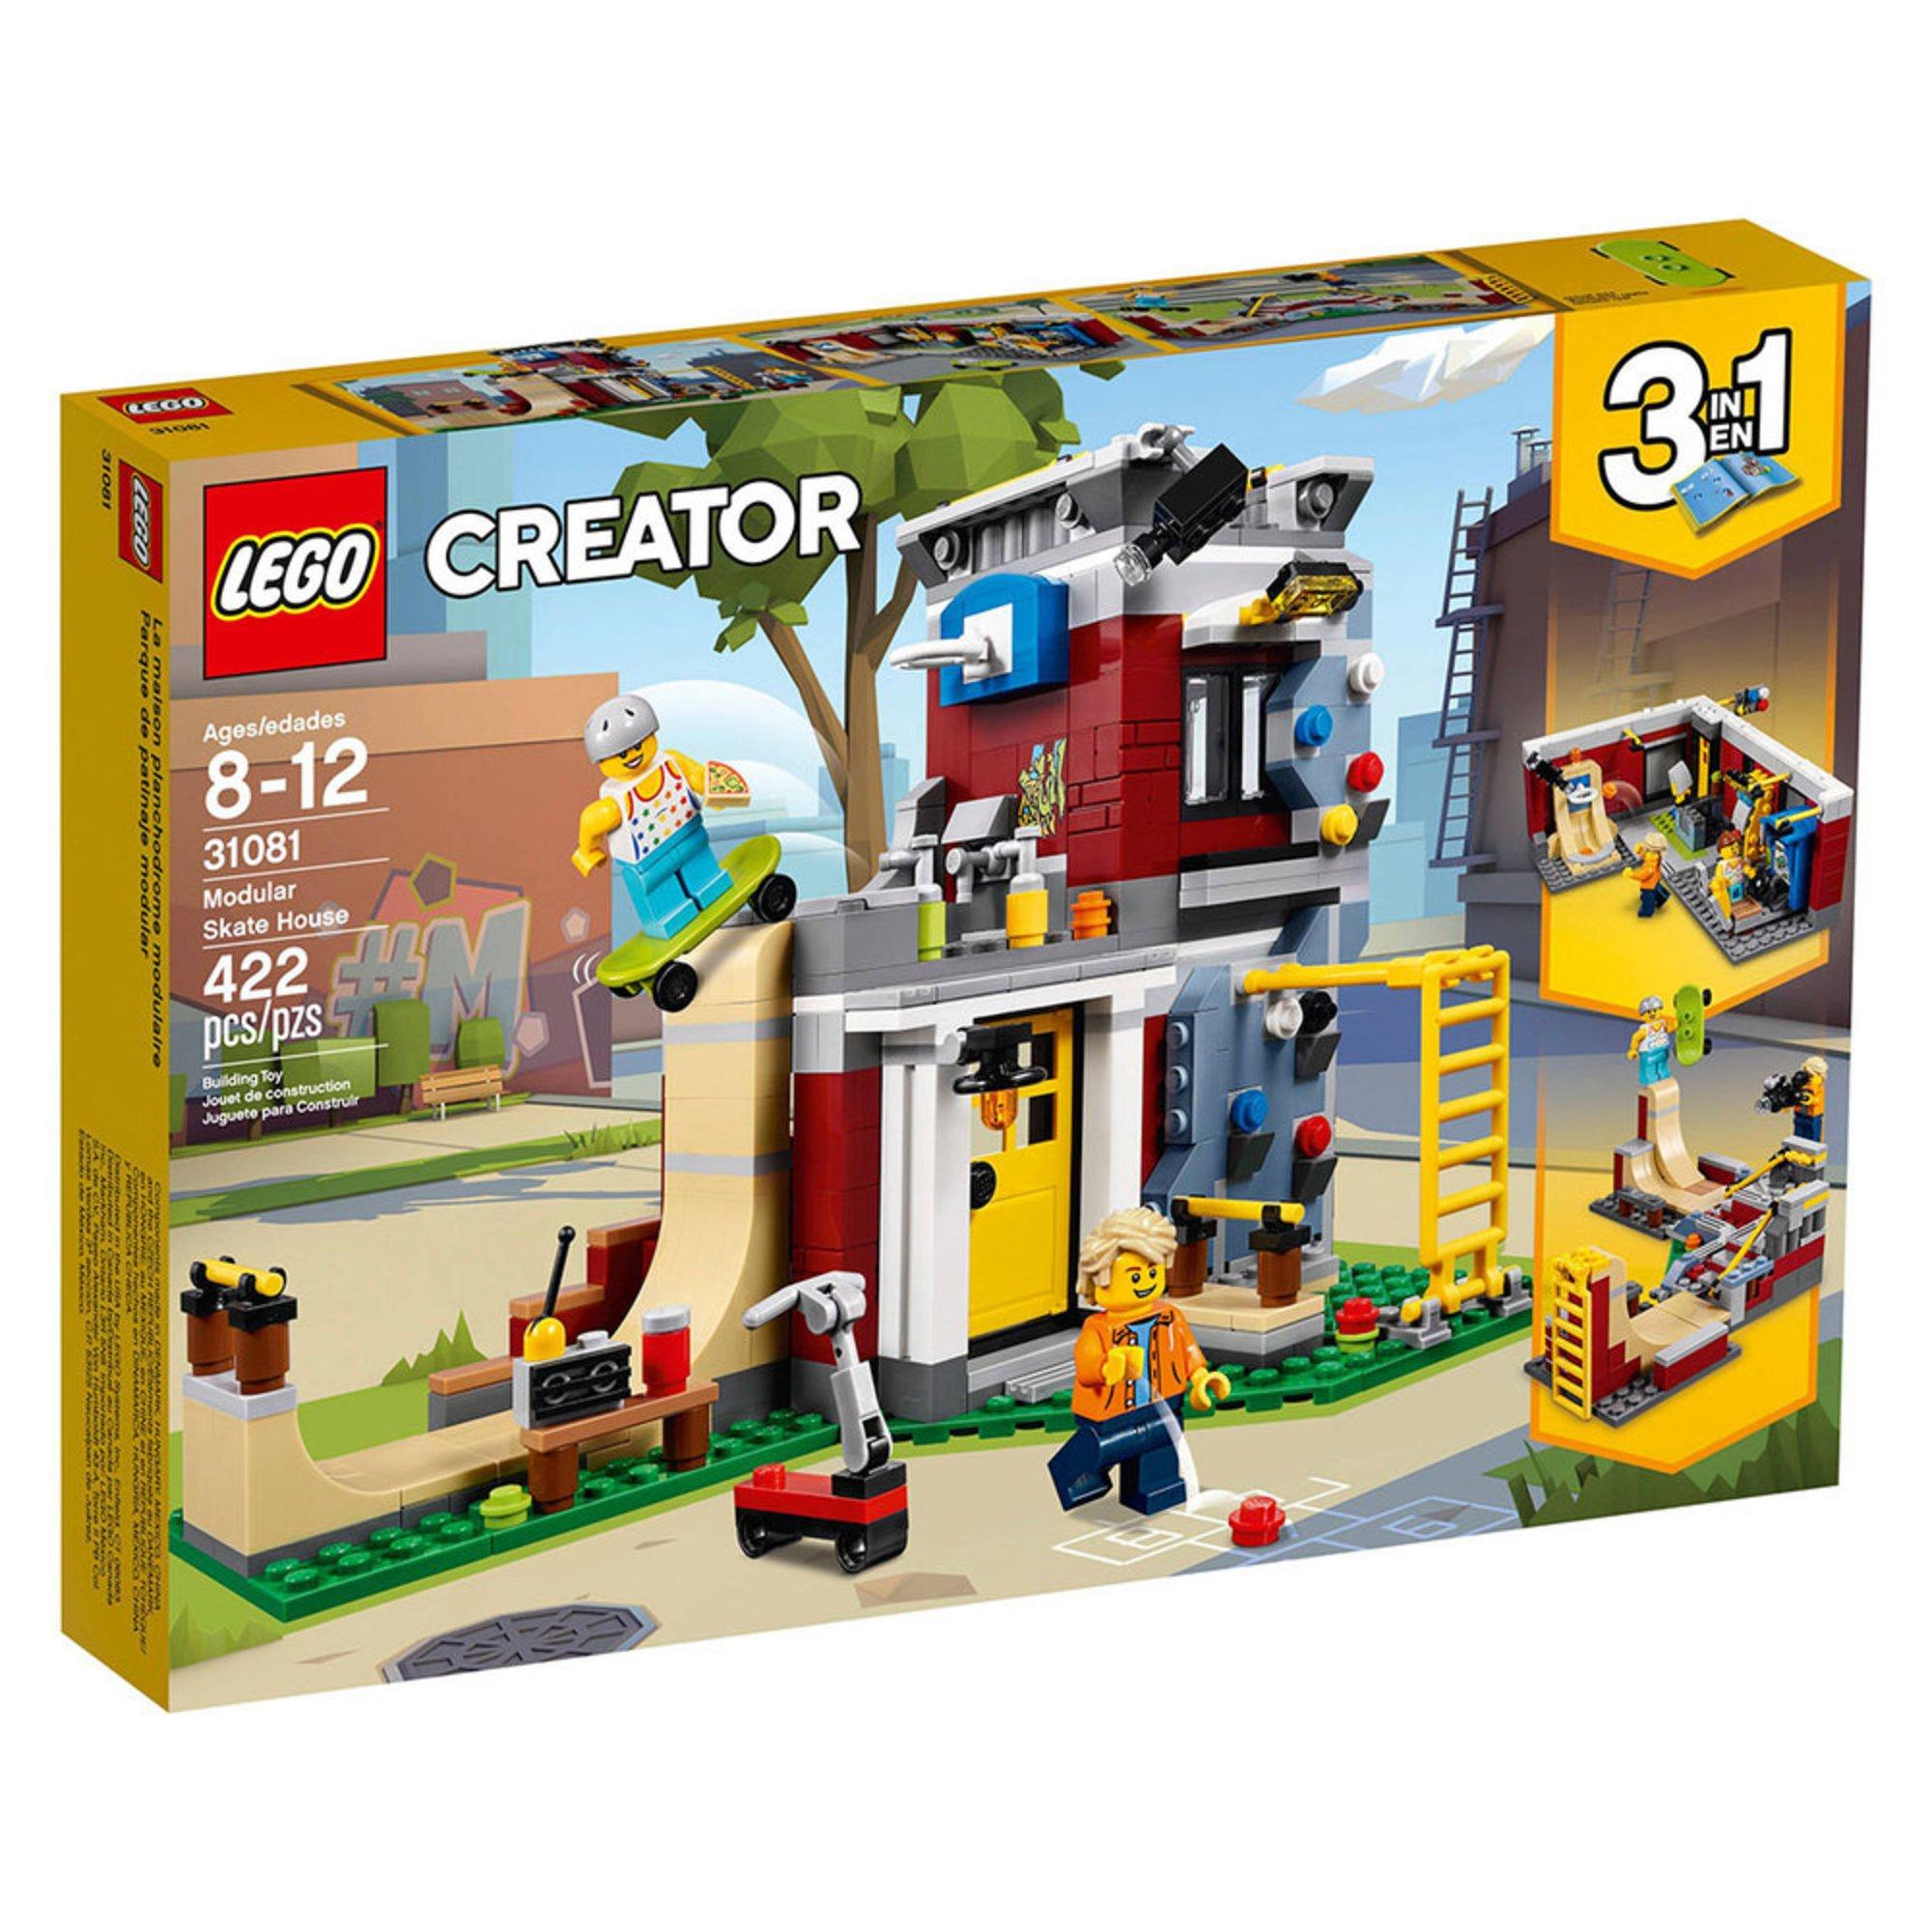 lego creator modular skate house 31081 building sets. Black Bedroom Furniture Sets. Home Design Ideas